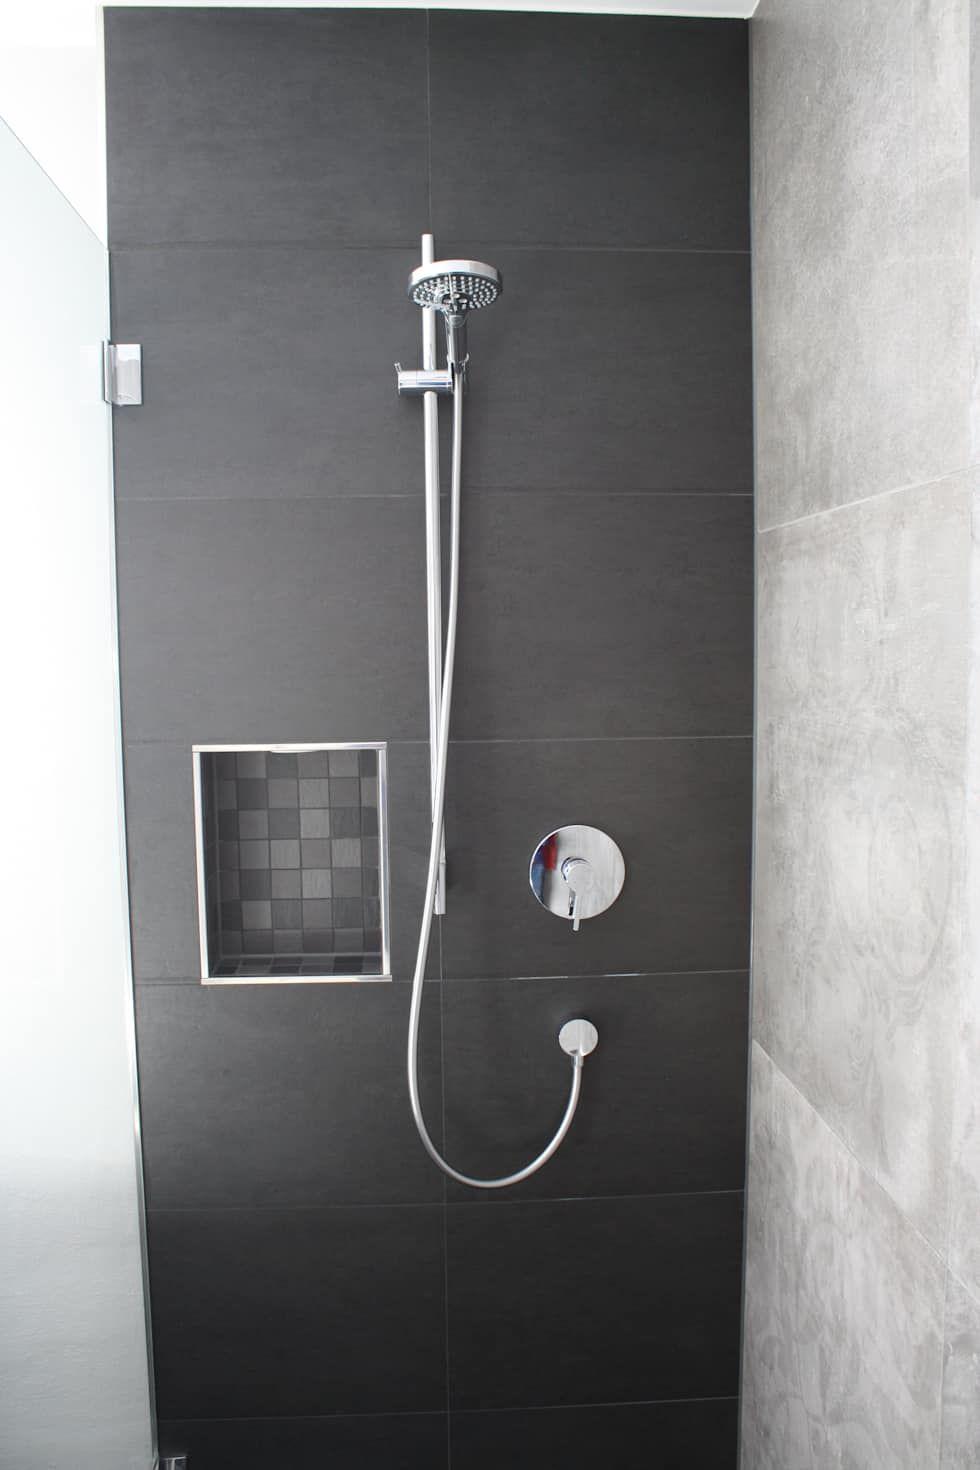 wohnideen interior design einrichtungsideen bilder nische moderne badezimmer und badezimmer. Black Bedroom Furniture Sets. Home Design Ideas